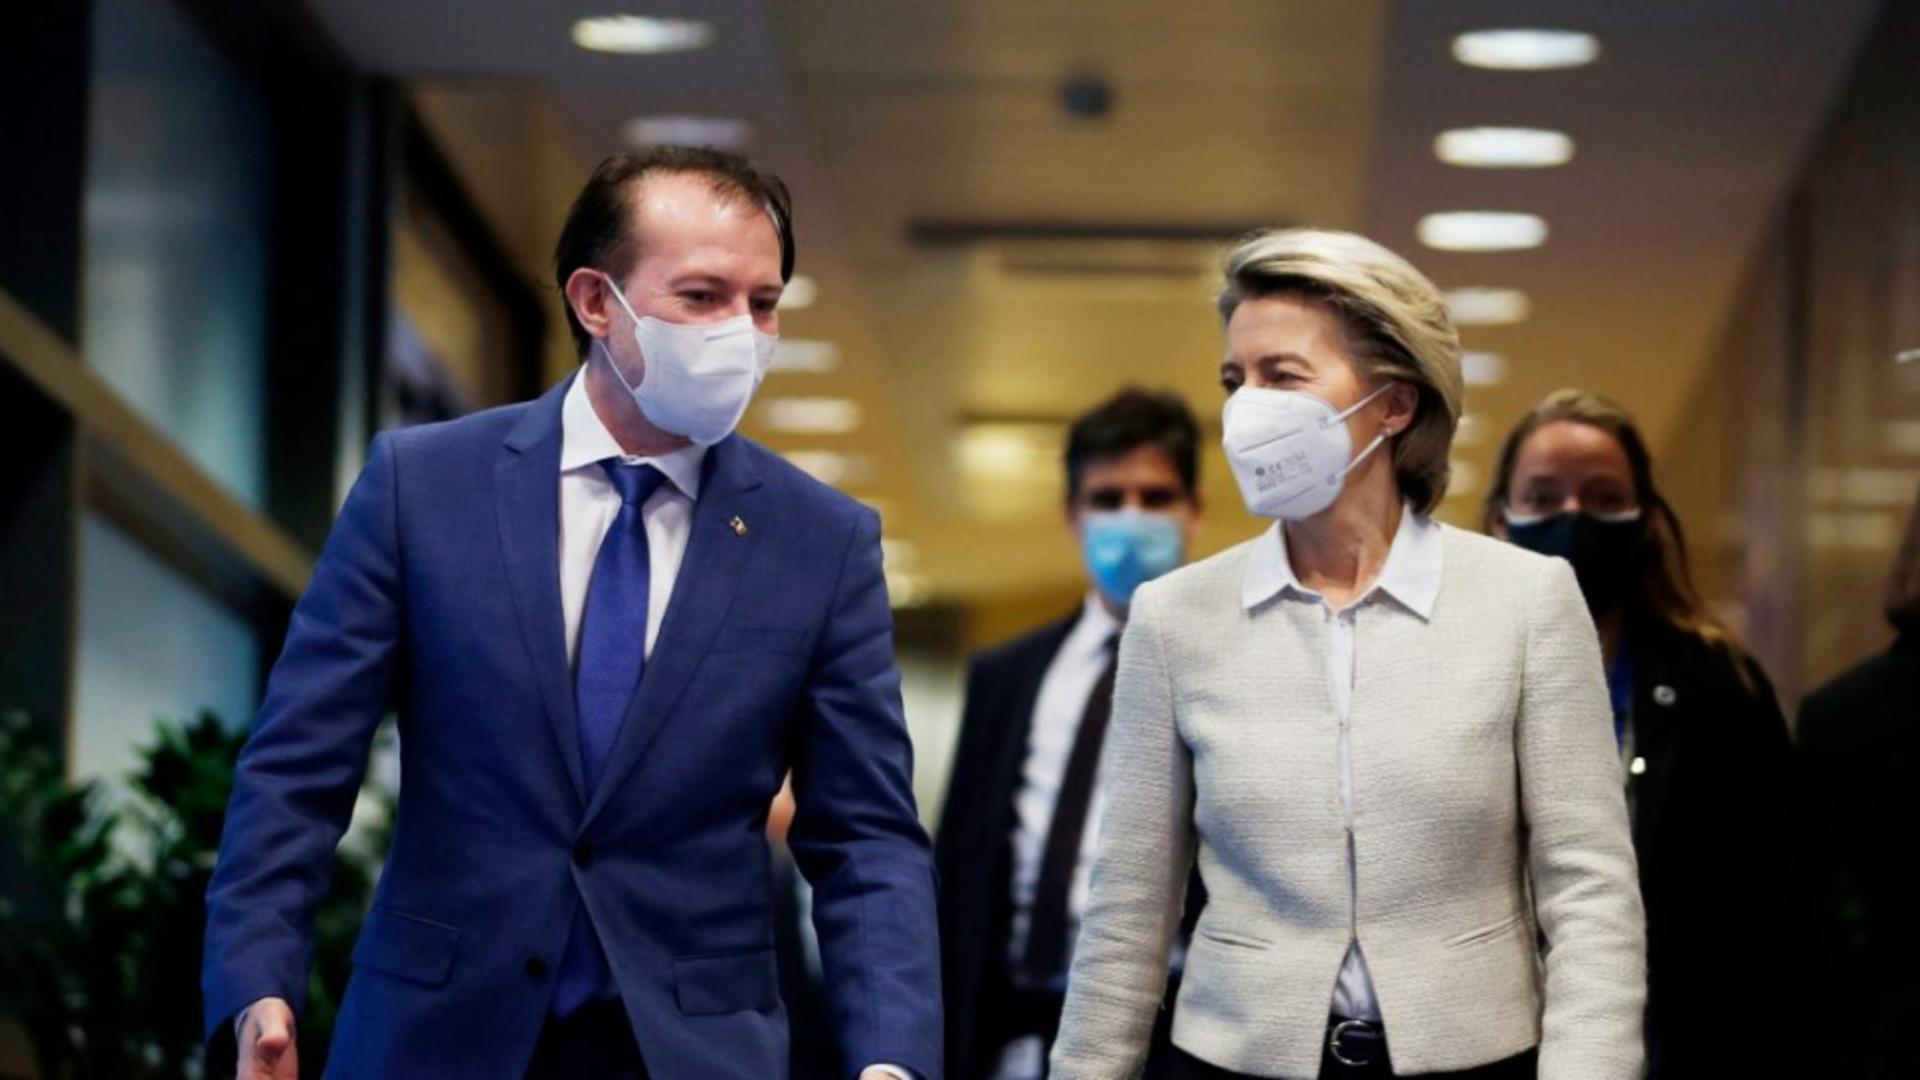 Florin Cîțu merge la Bruxelles pentru discuții pe PNRR cu comisarii europeni și Ursula von der Leyen Foto: Profi Media